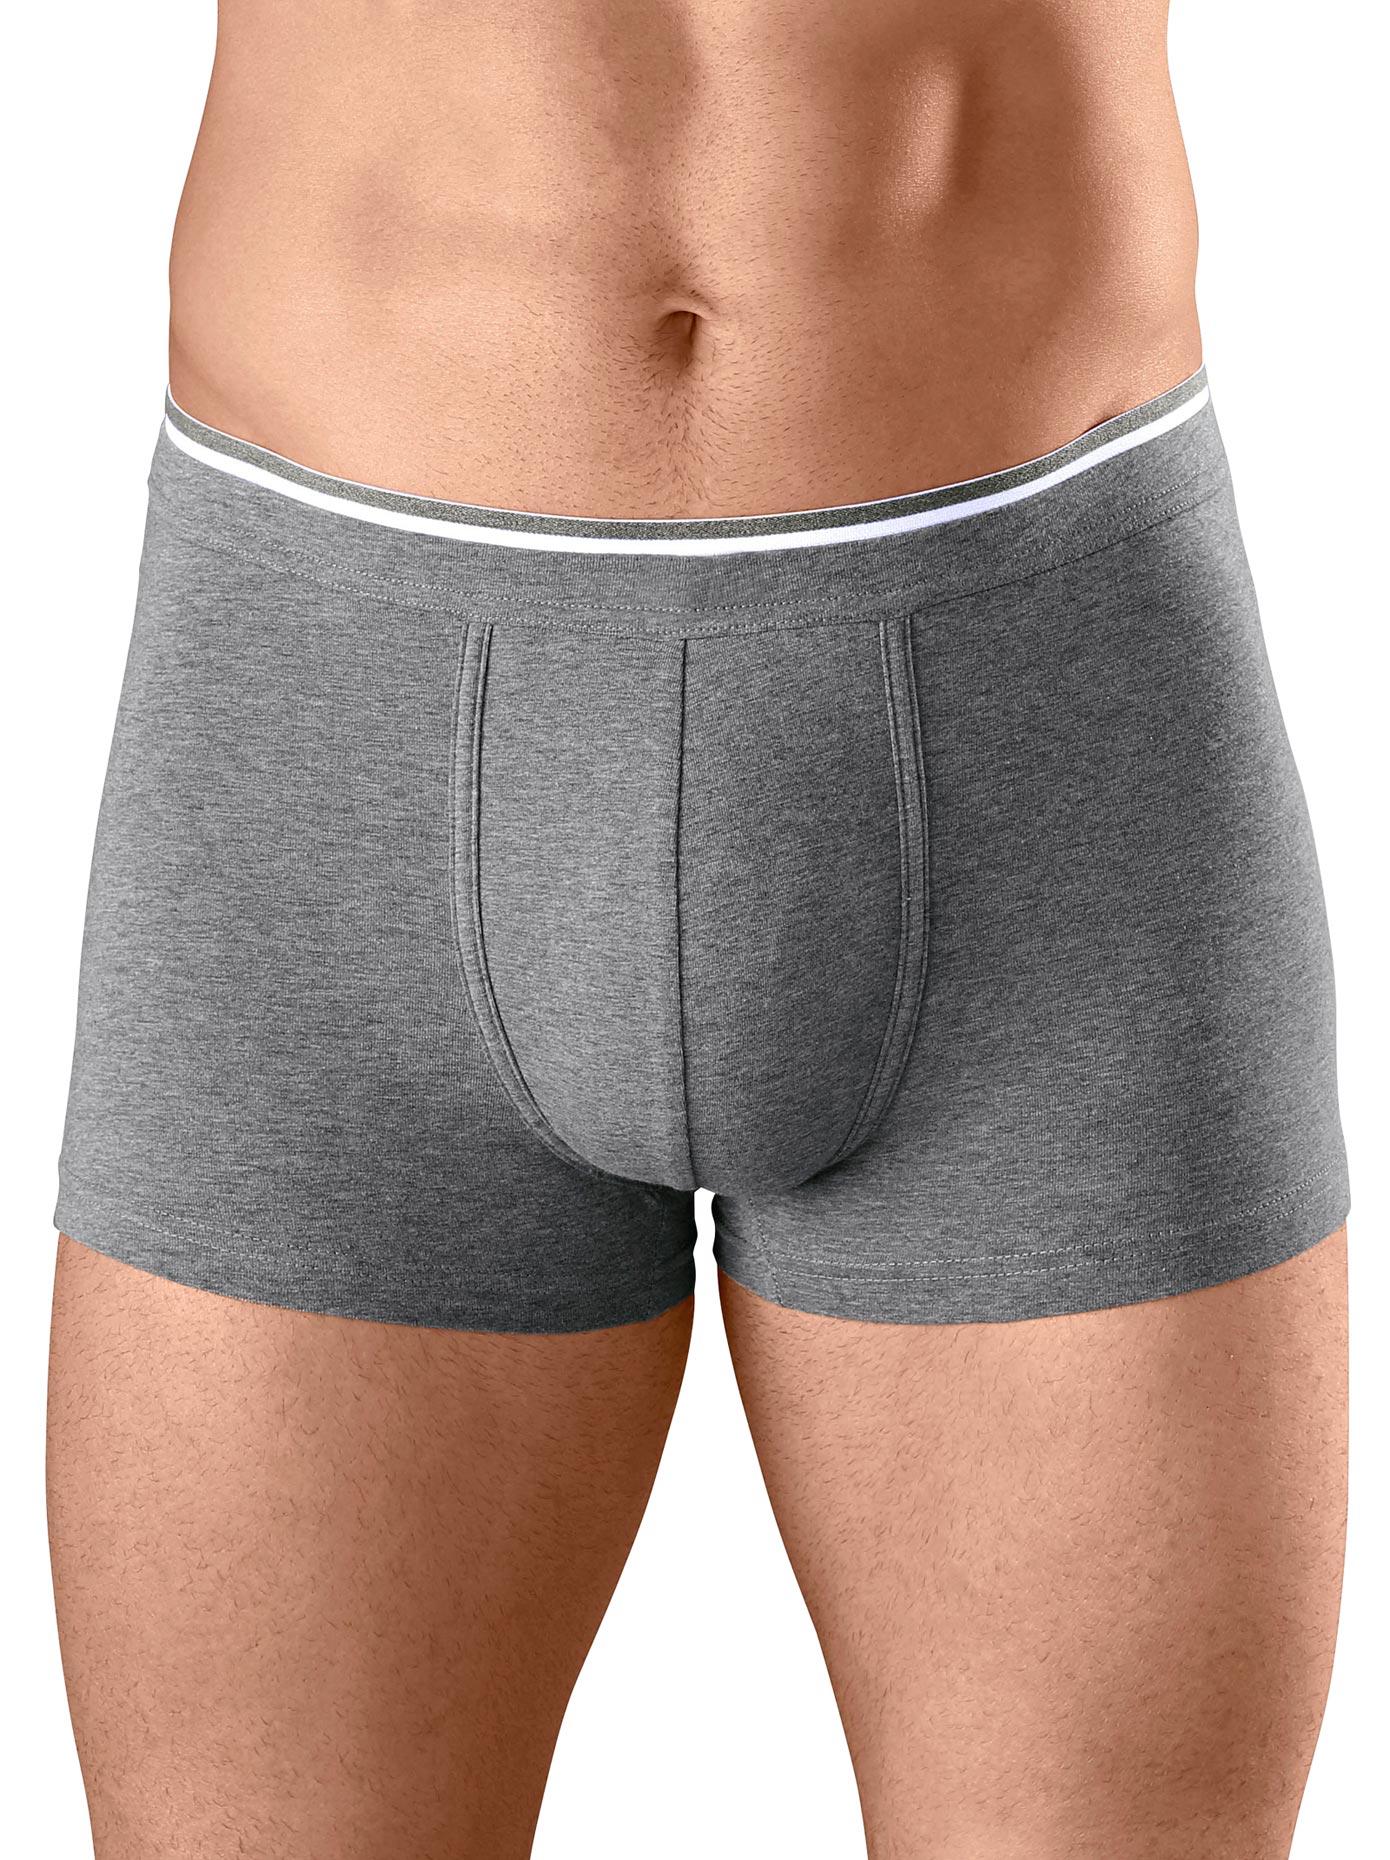 Pants (3 Stck) | Bekleidung > Wäsche > Hipster | Wäschepur